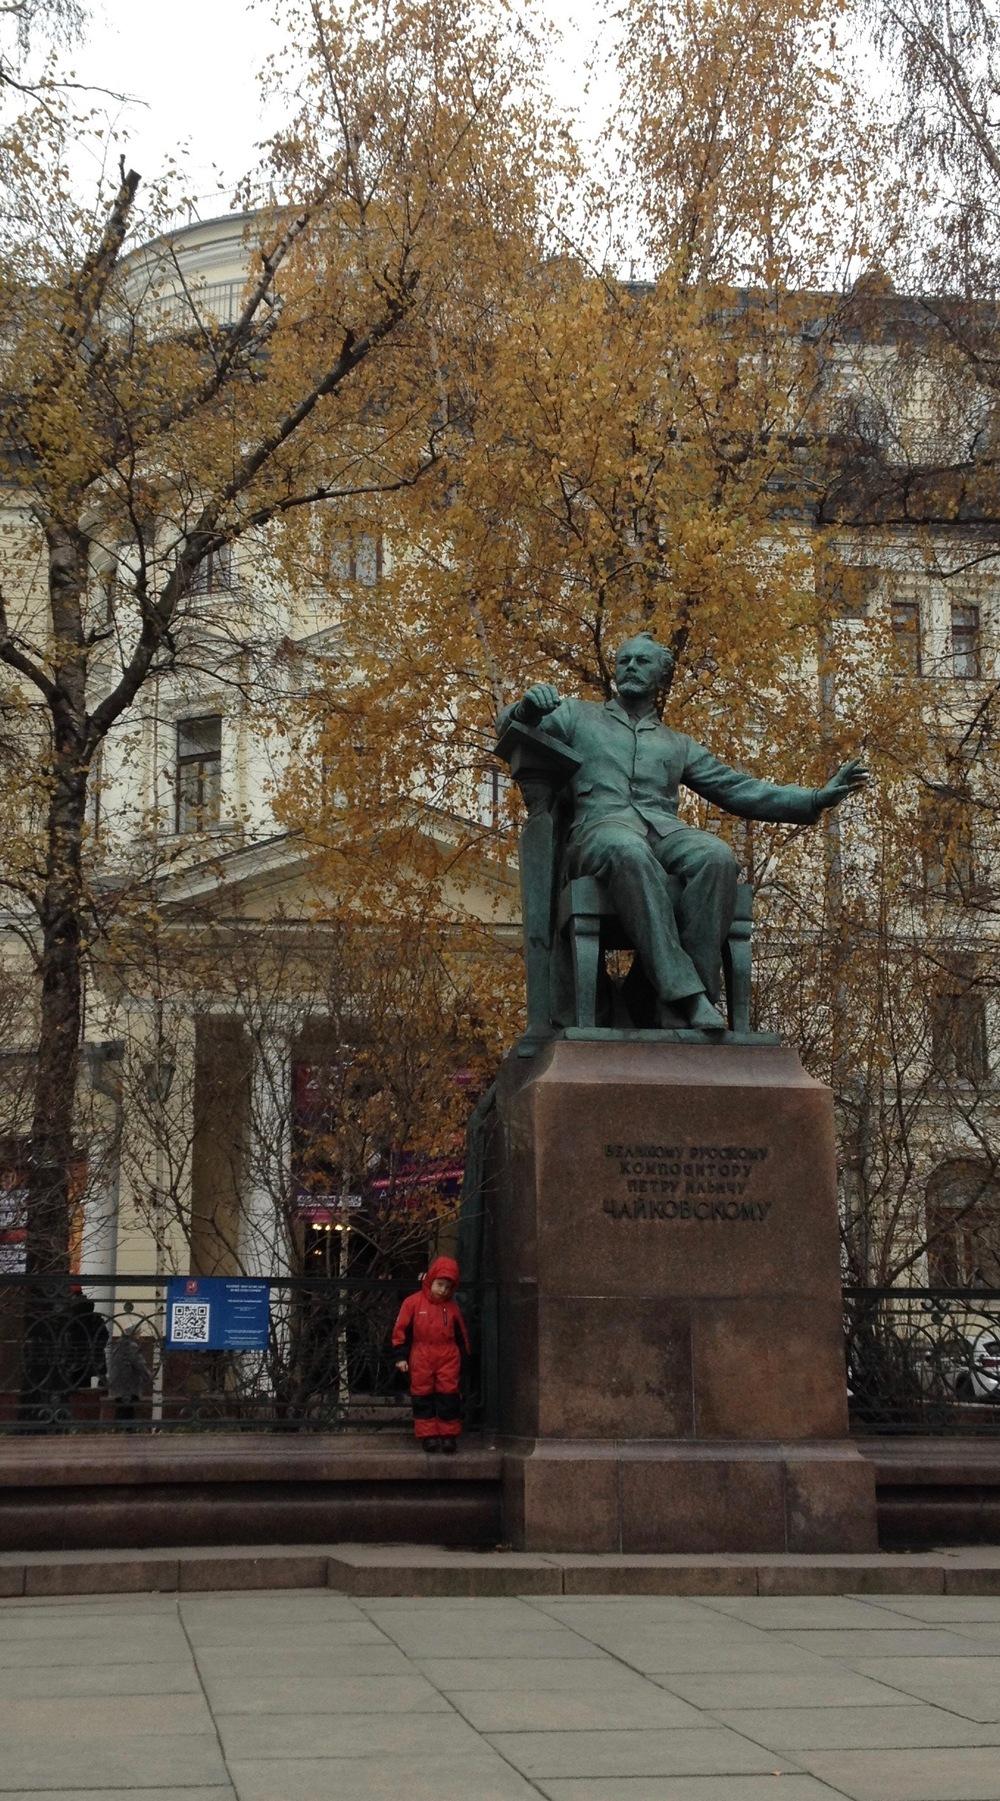 La statue de Piotr Tchaïkovski devant le Conservatoire d'état de Moscou. © c.lovey